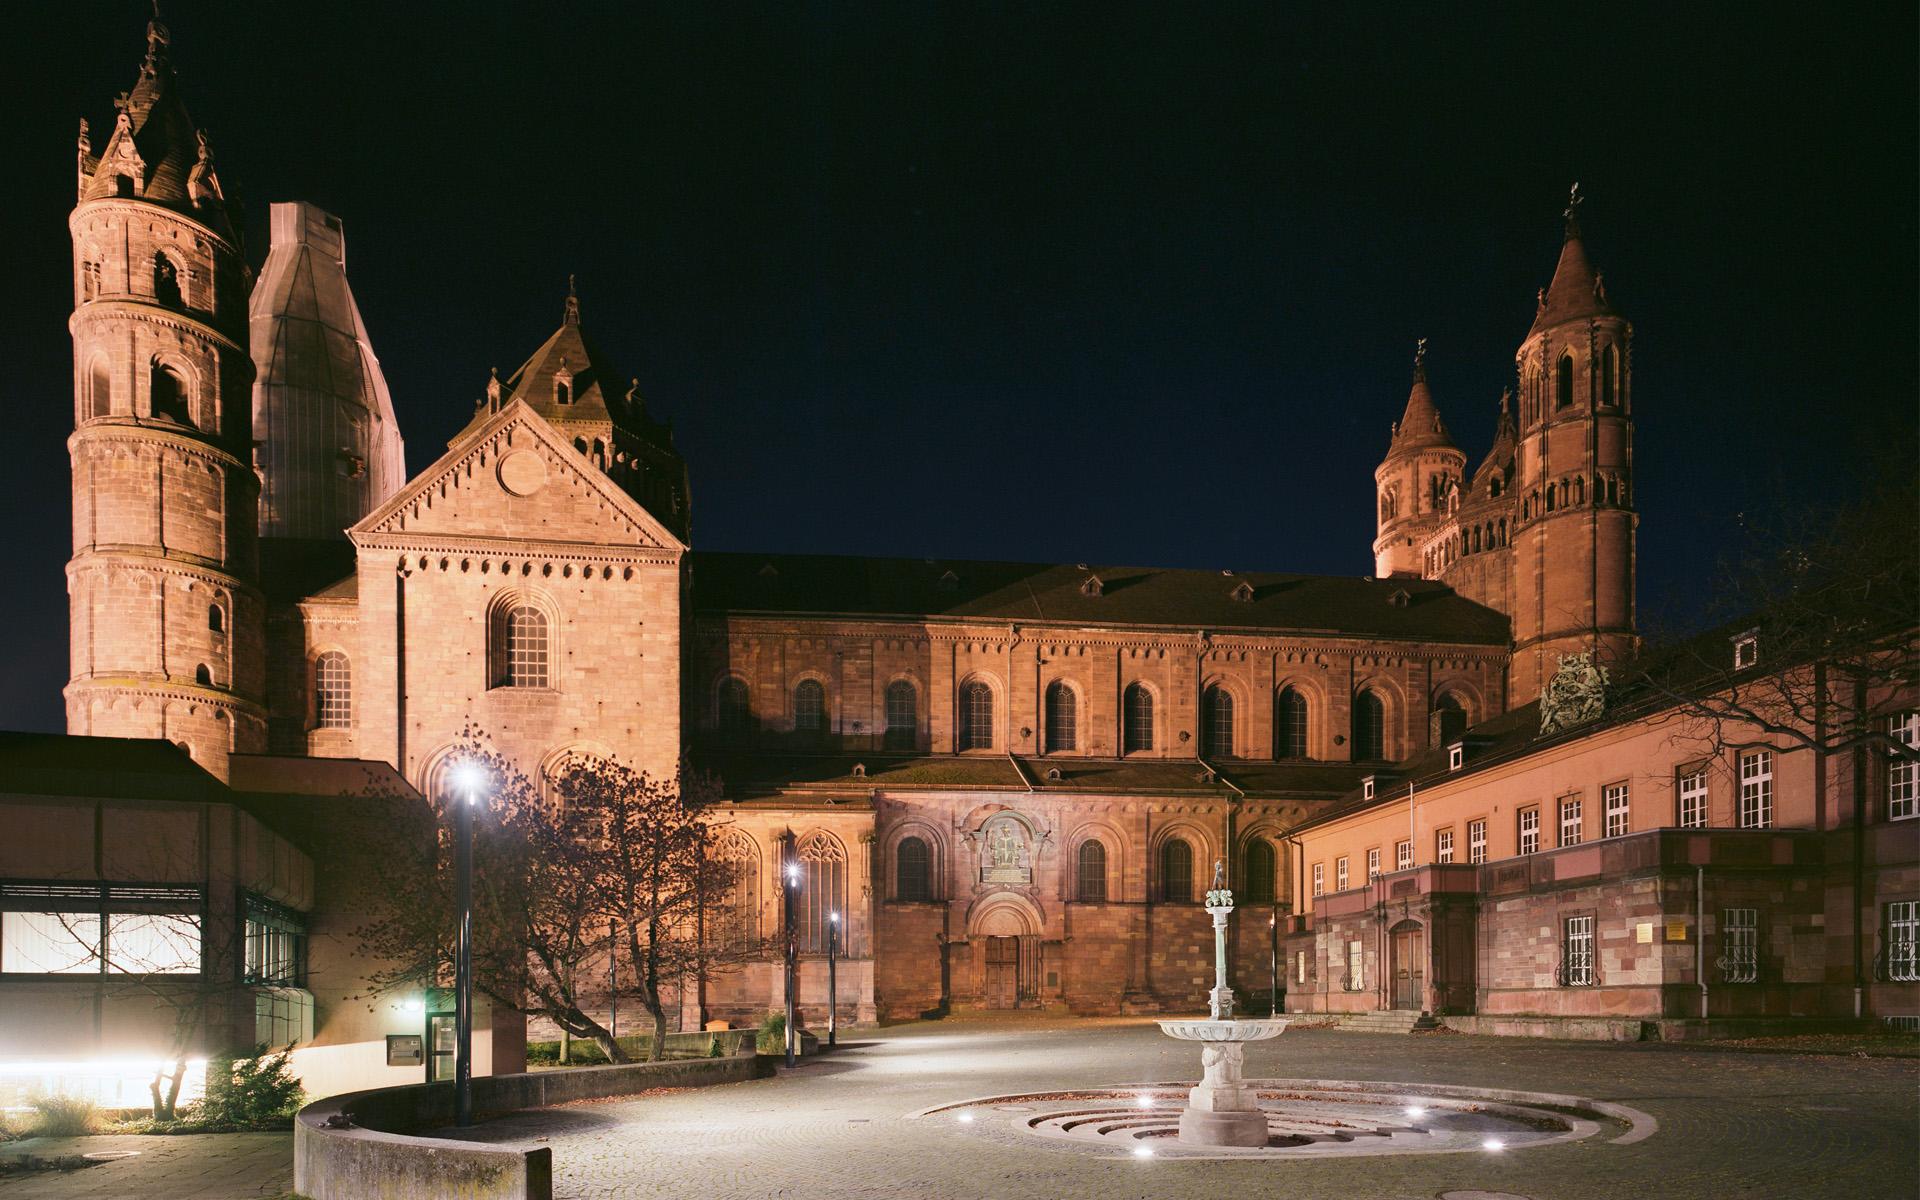 Der Schlossplatz in Worms bei Nacht